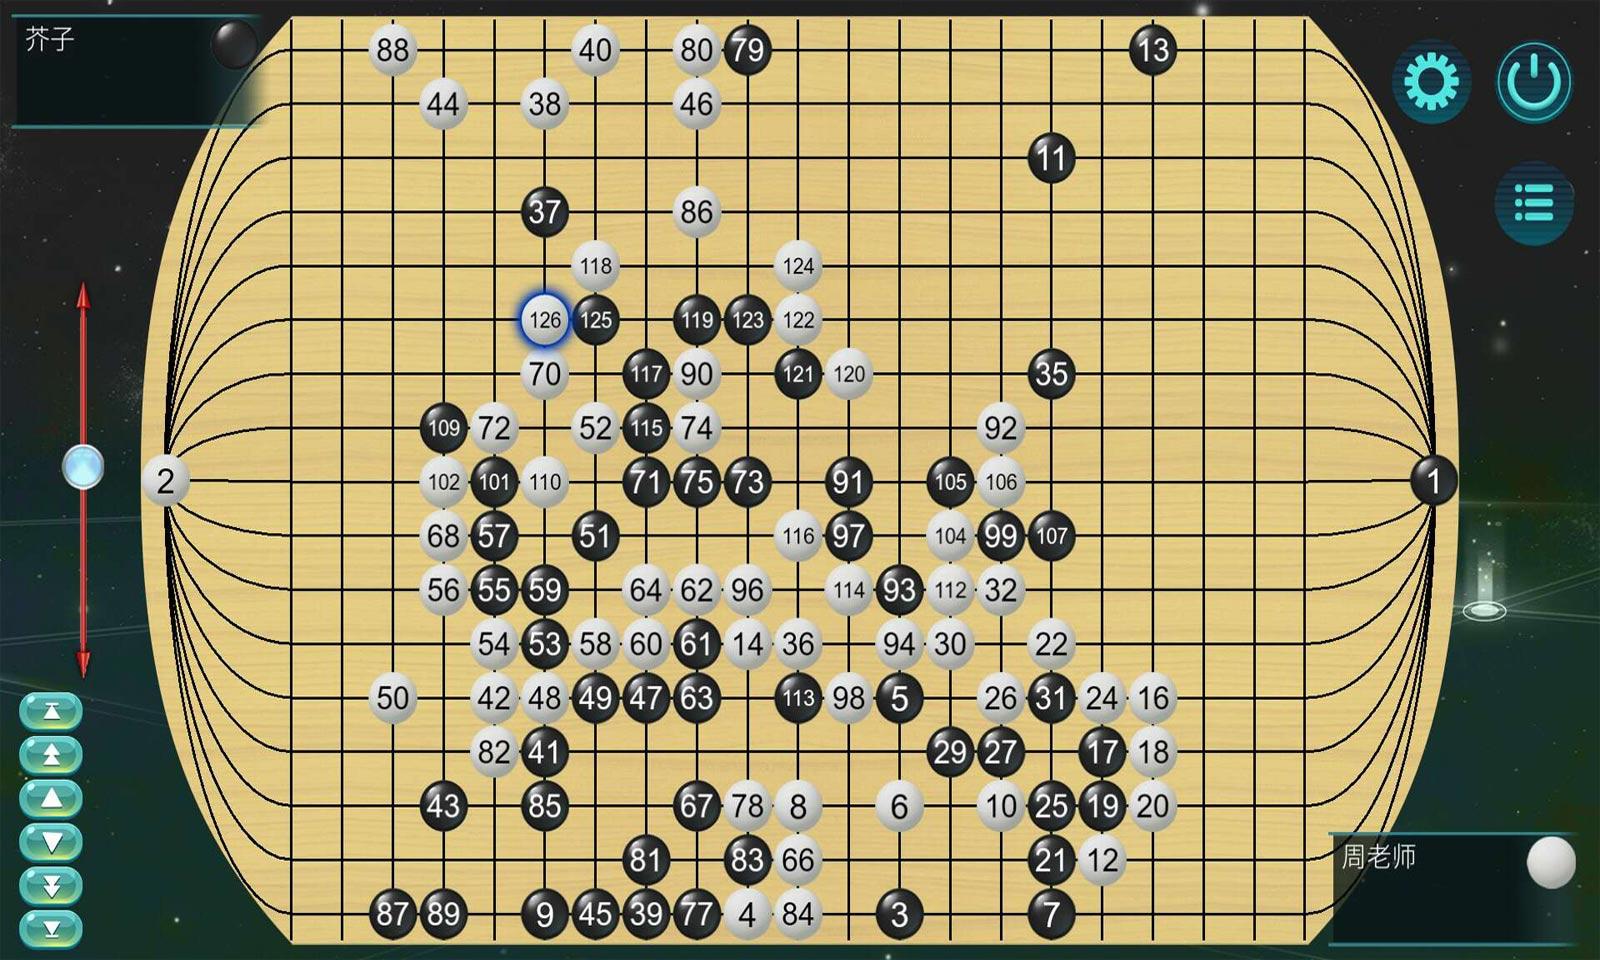 立体围棋(含五子棋)